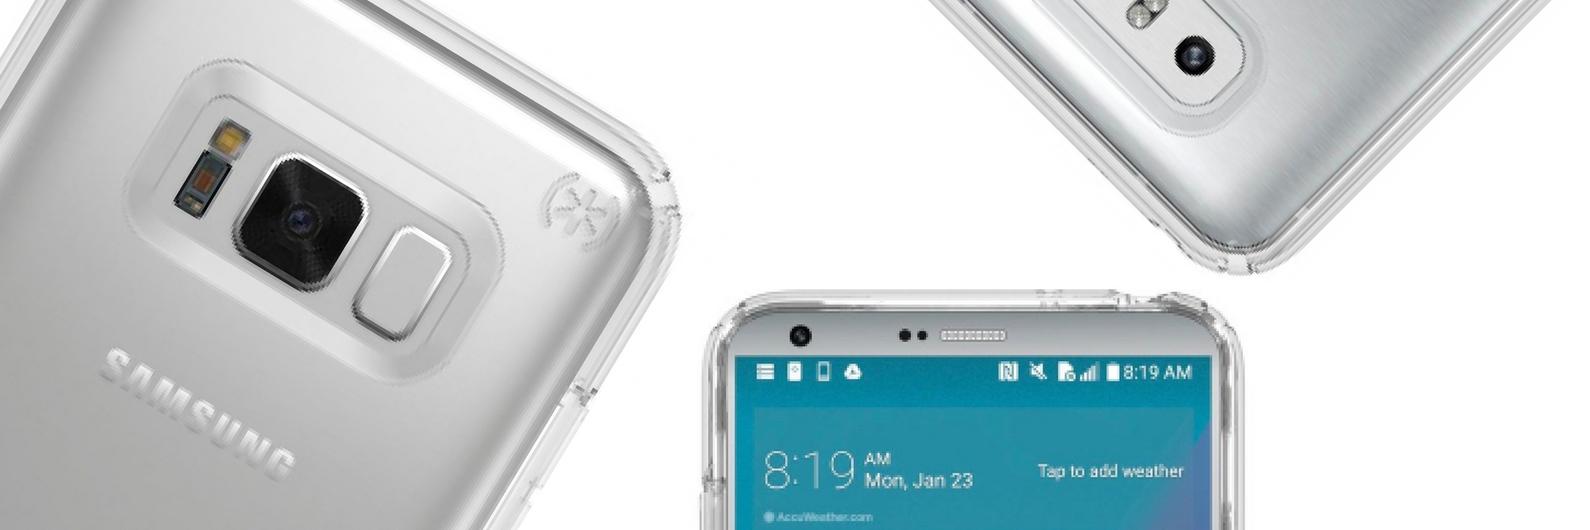 Samsung Galaxy S8 e LG G6 vestidos a rigor em novo leak